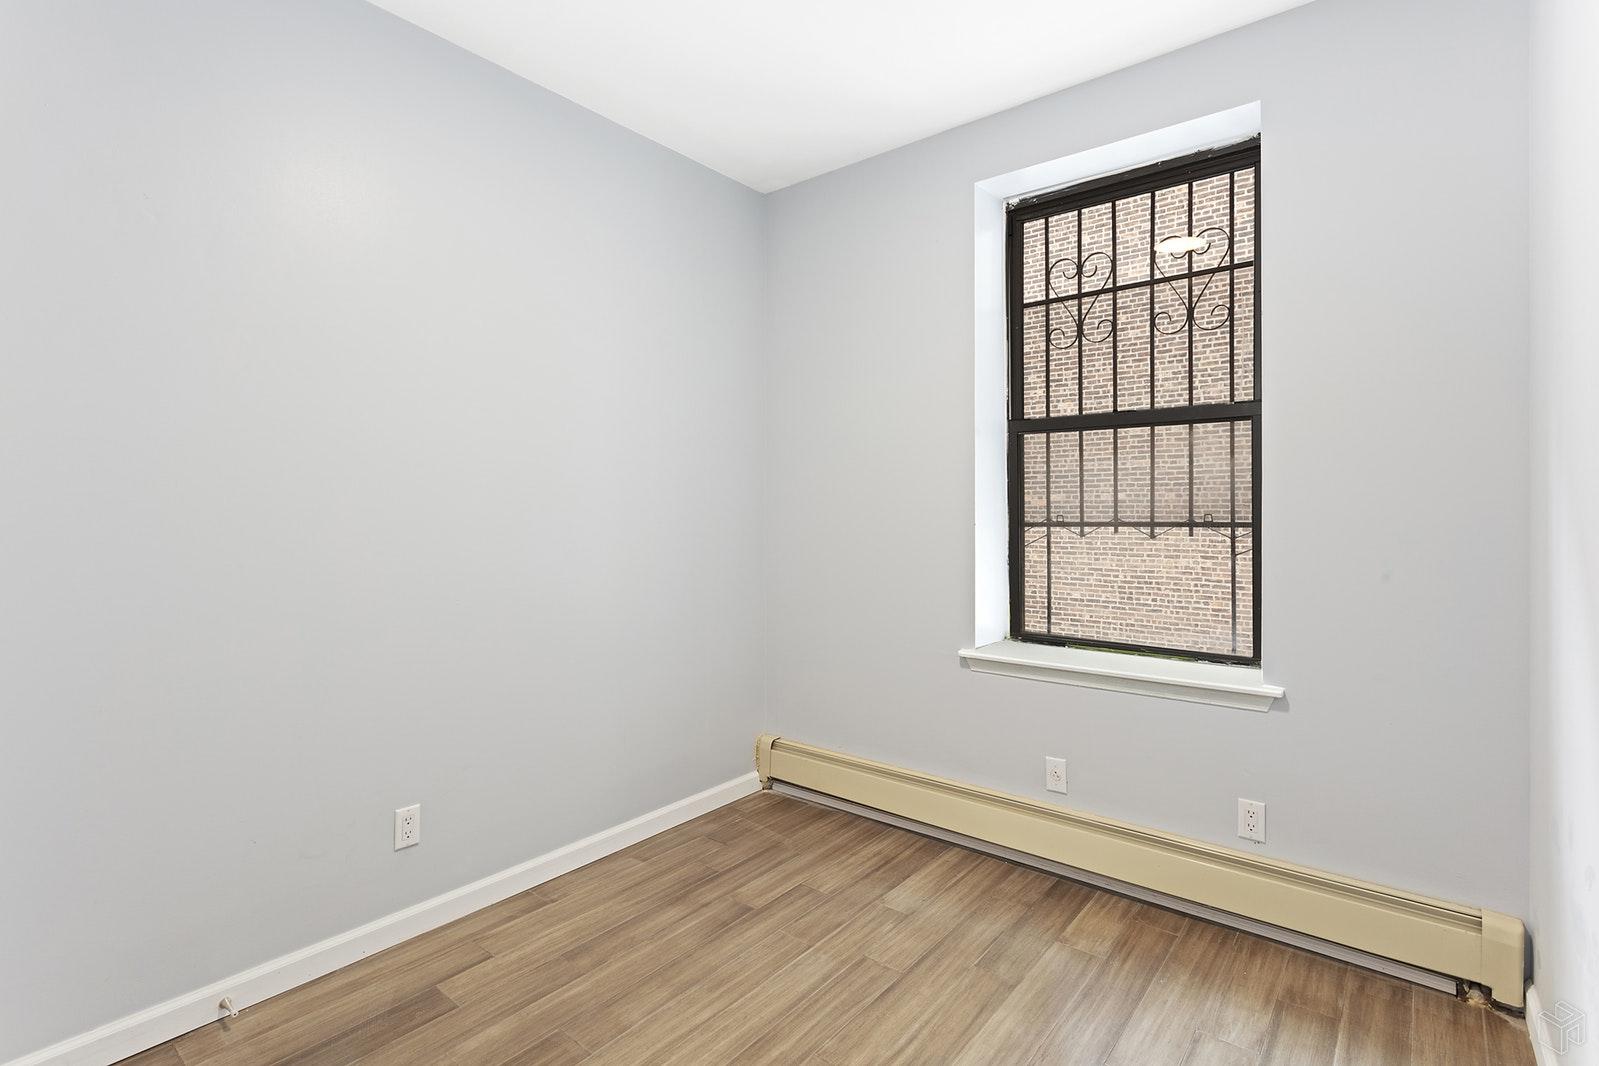 329 GRAND STREET 3, Lower East Side, $4,150, Web #: 19510520